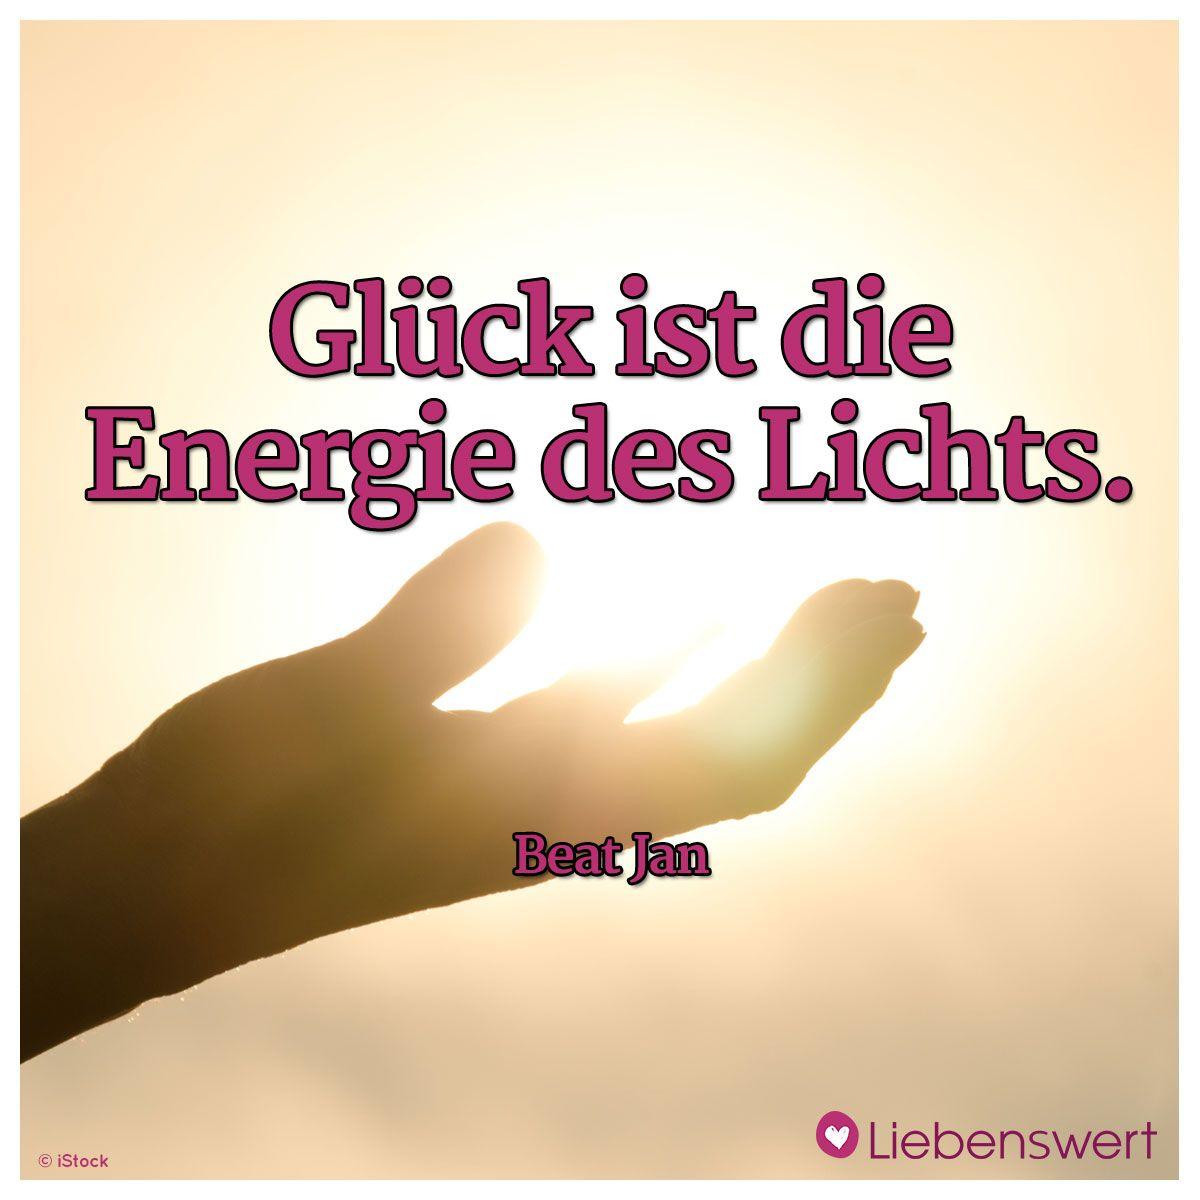 Enchanting Sprüche Mit Glück Ideas Of Glück Ist Die Energie Des Lichts. (beat